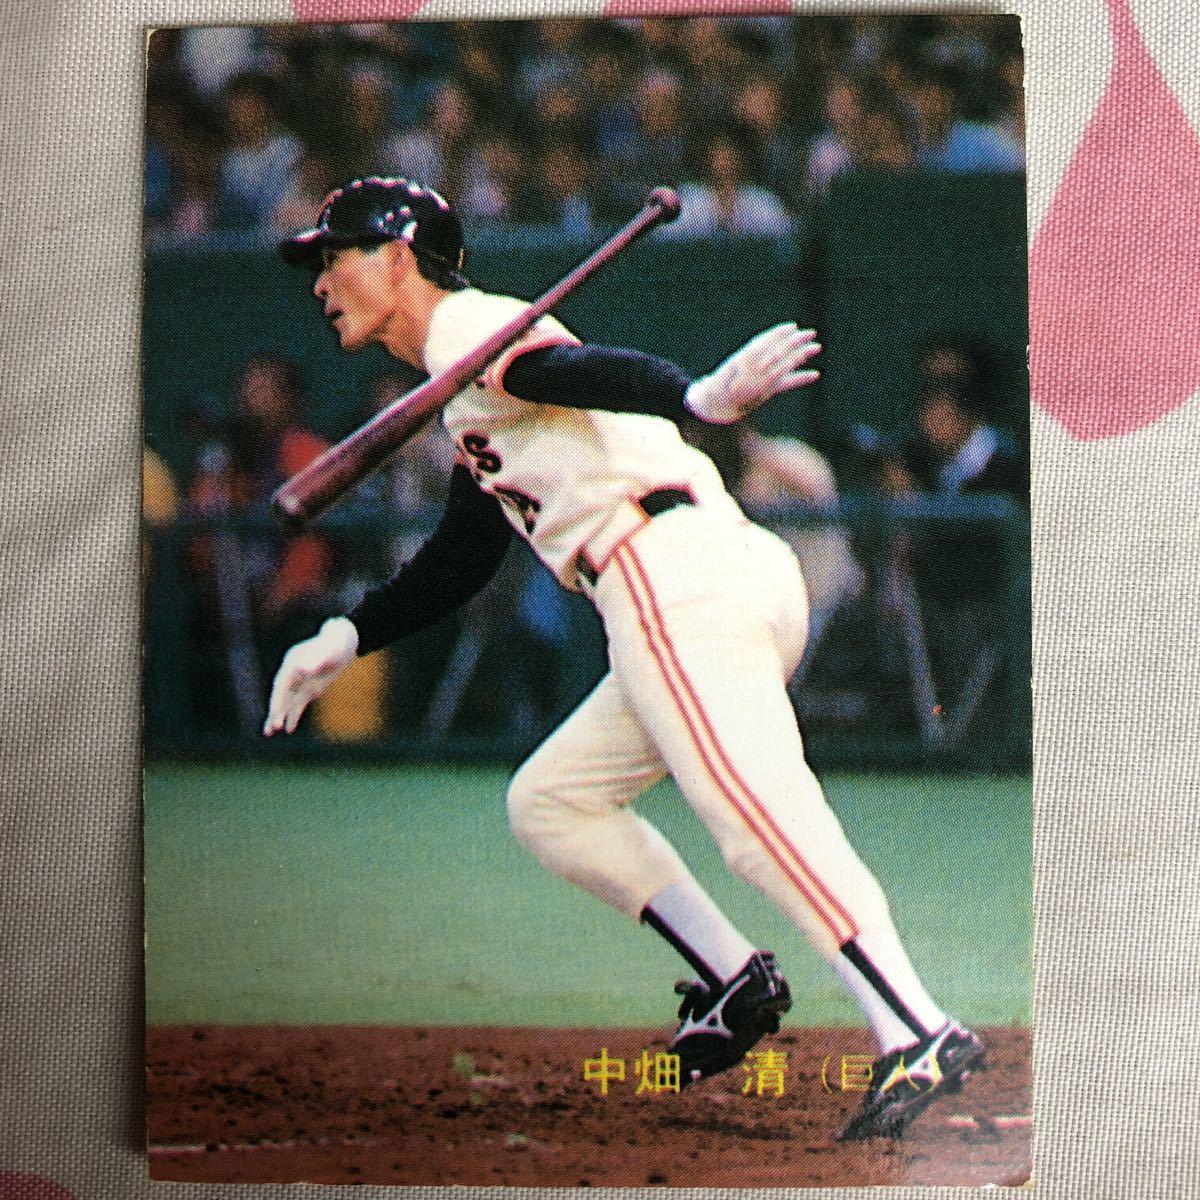 【中畑清】89年No.163 読売ジャイアンツ レアブロック カルビープロ野球カード